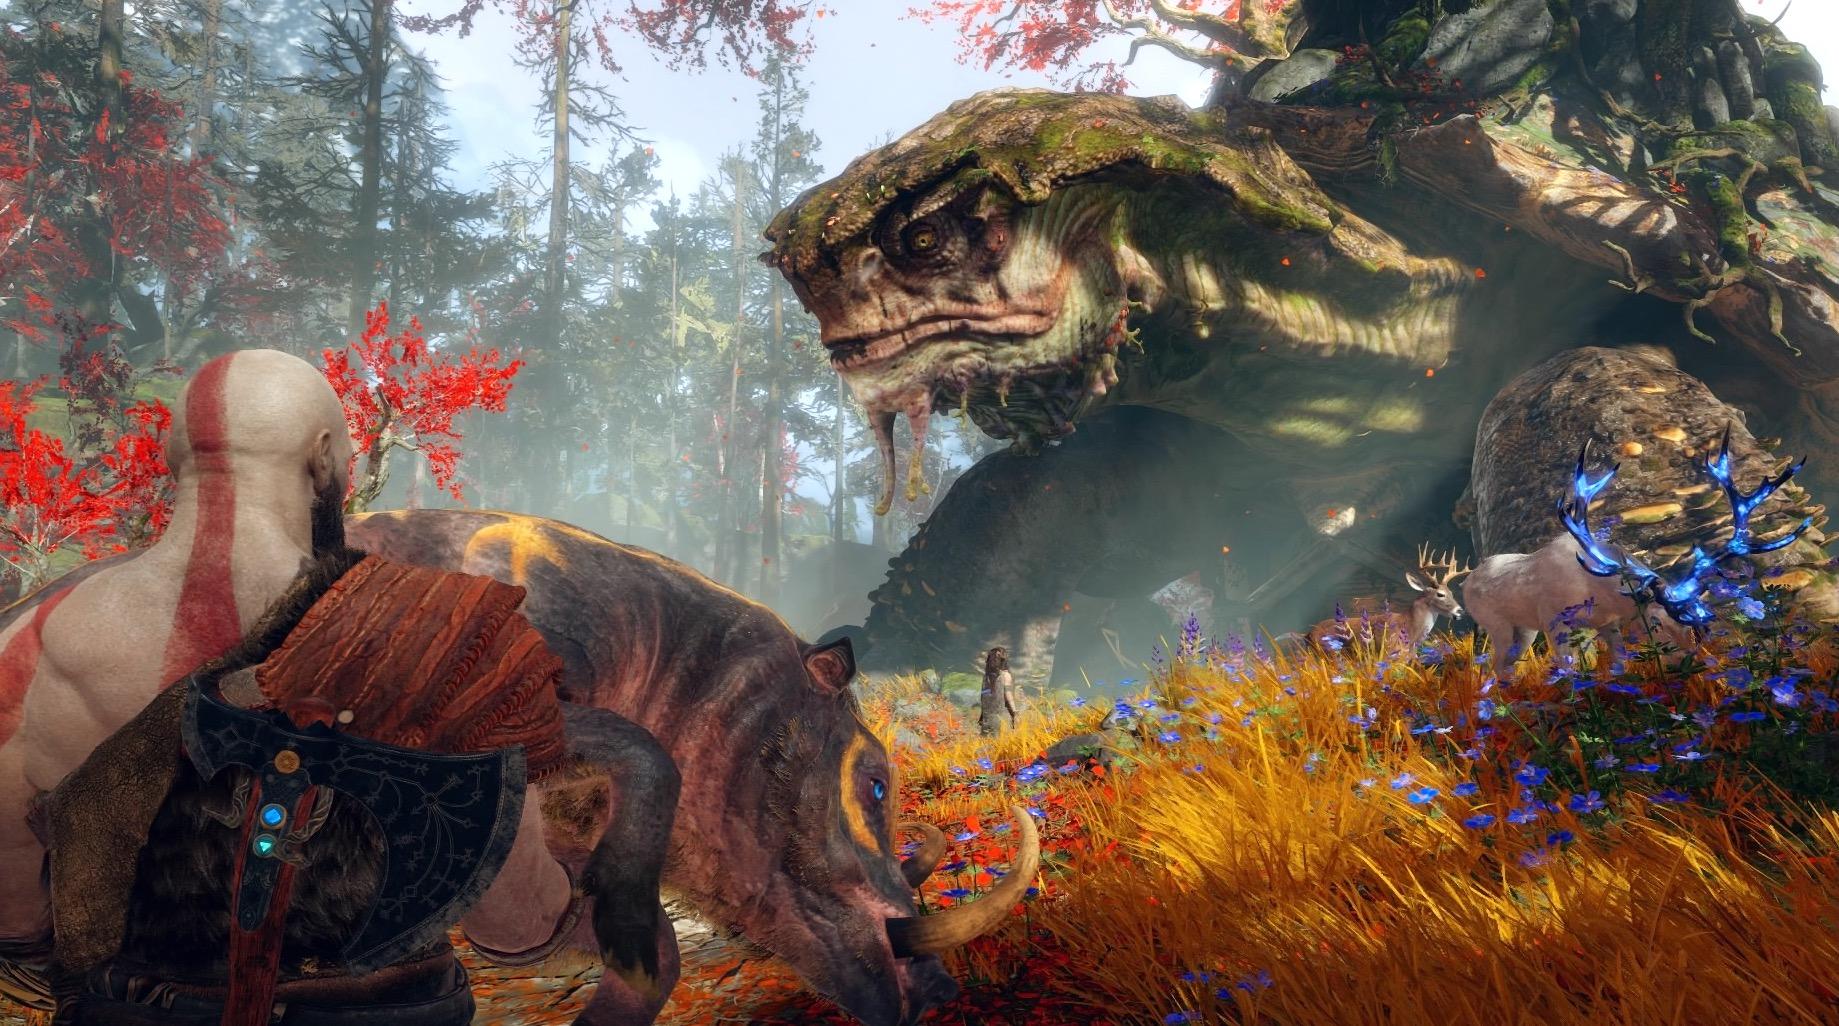 Najlepsze gry 2018 na wyłączność dla PlayStation: God of War